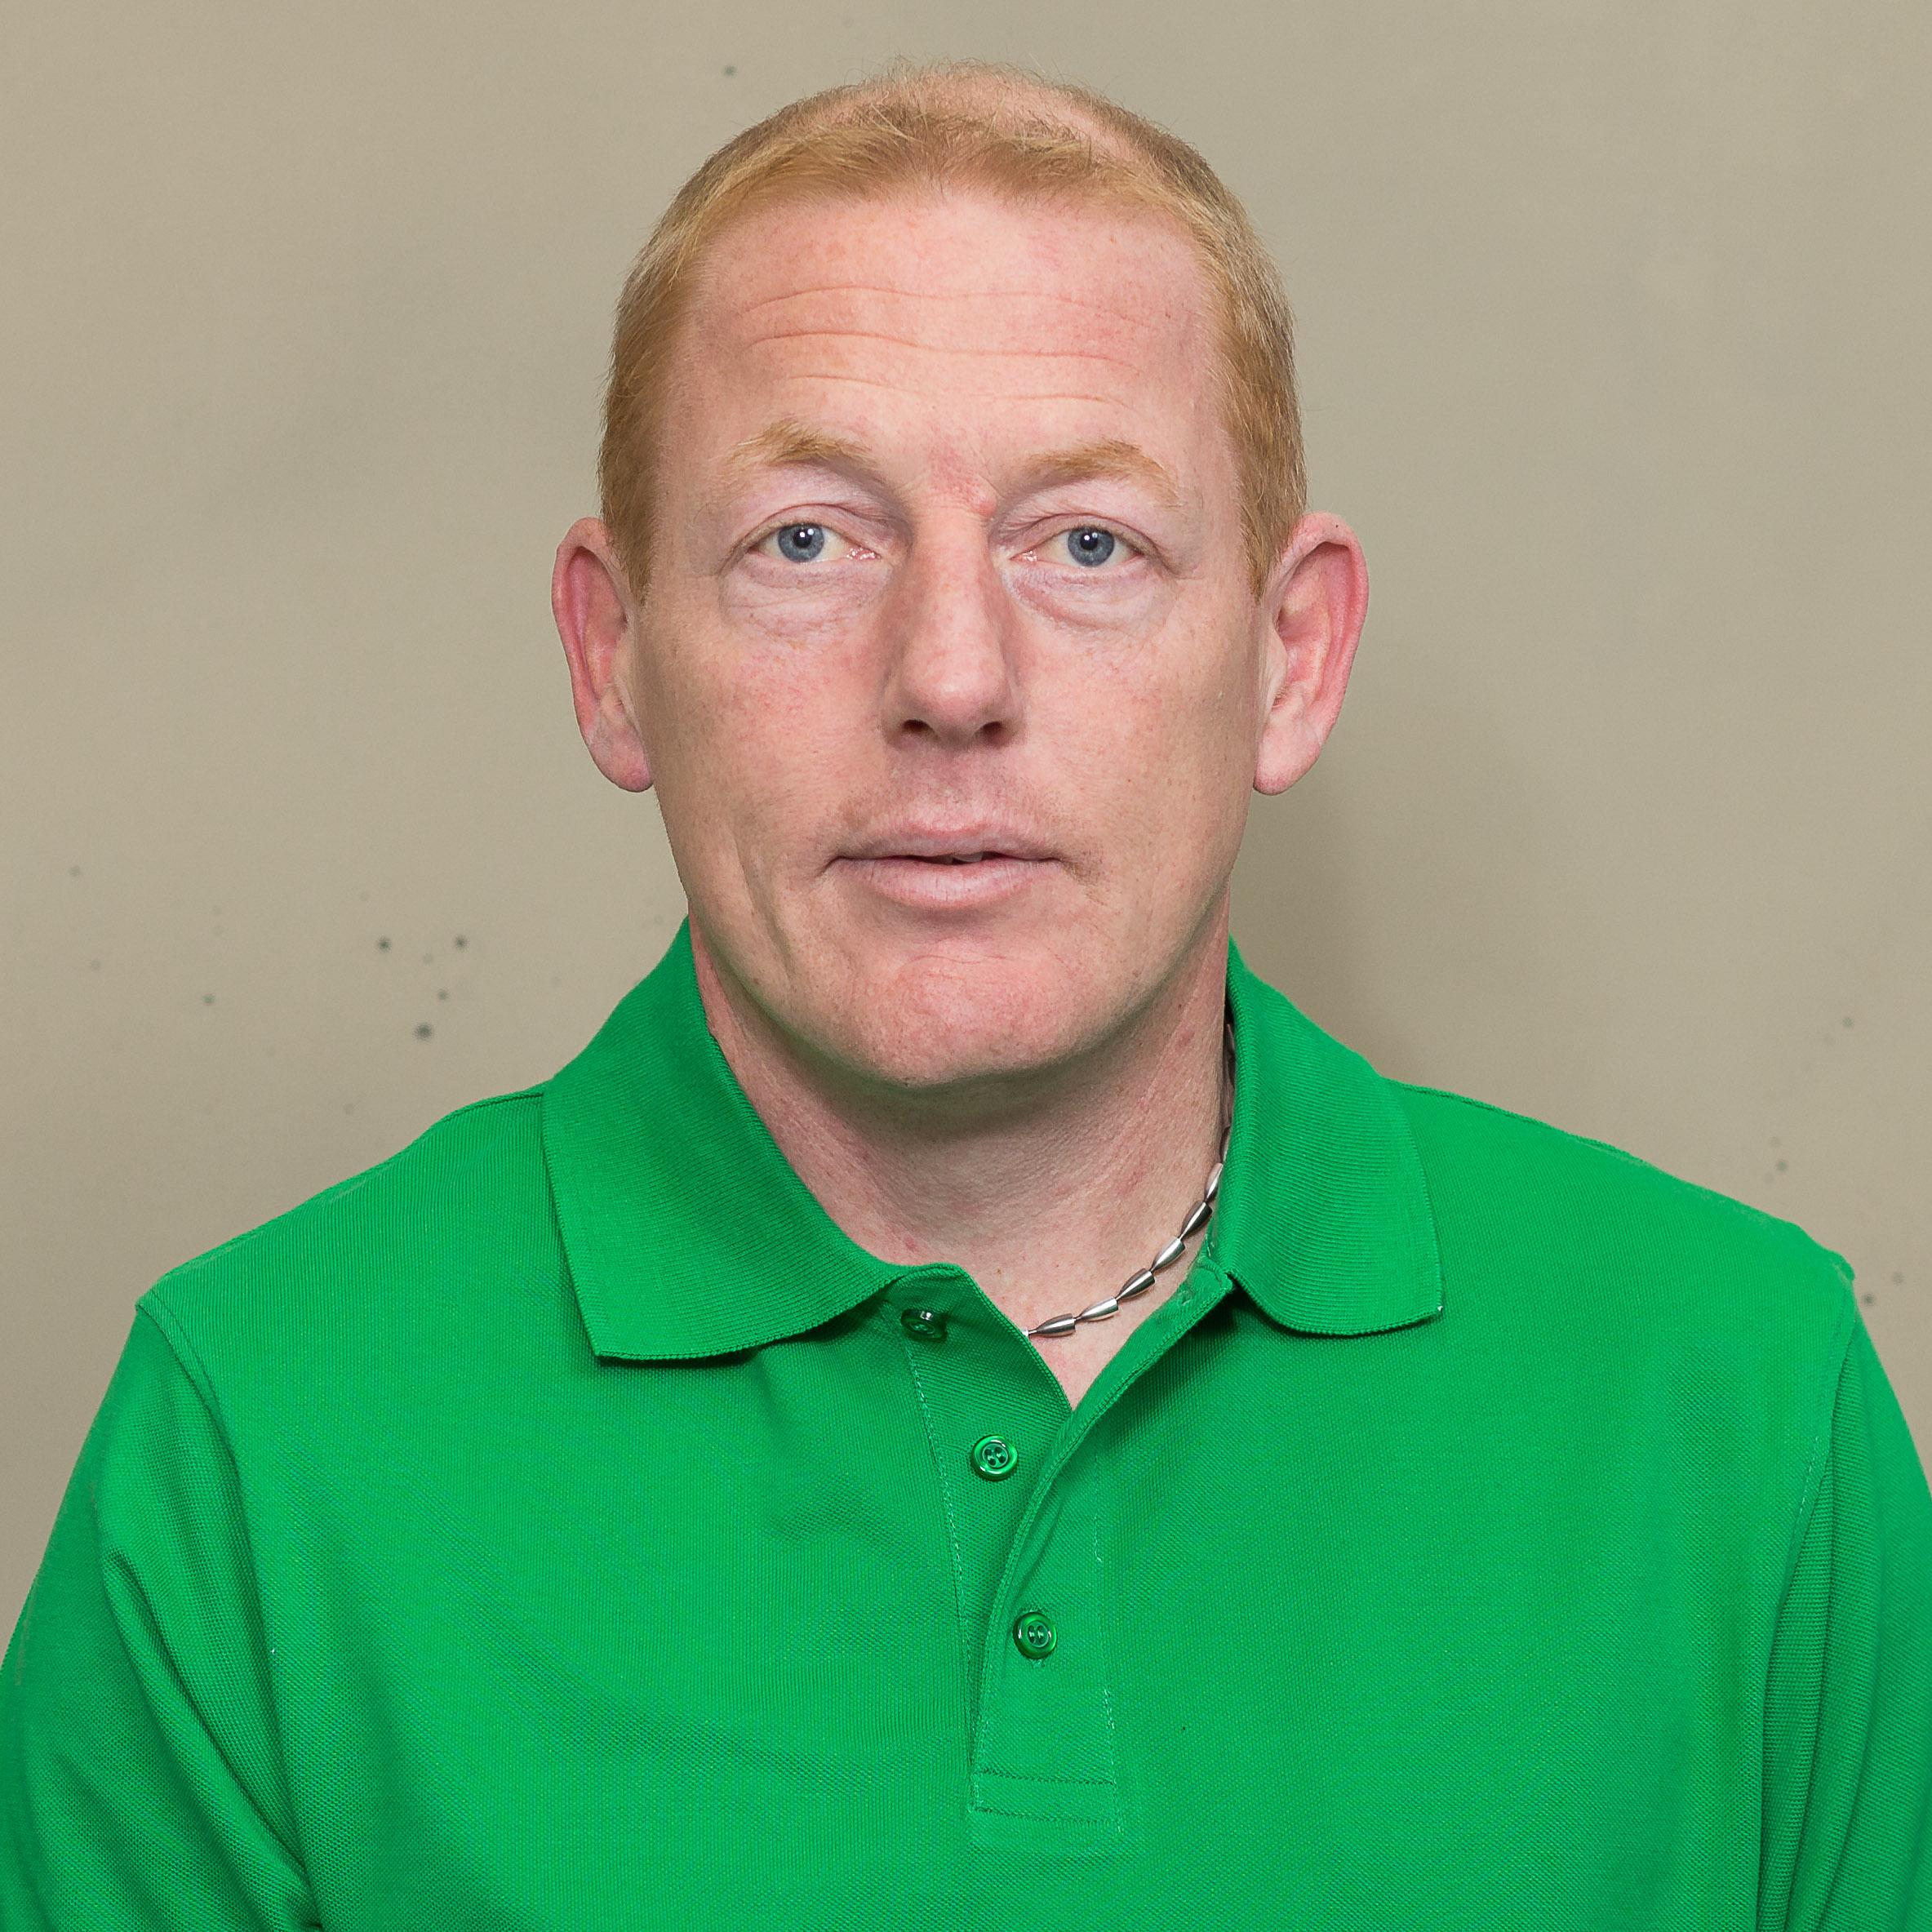 Markus Kaszub